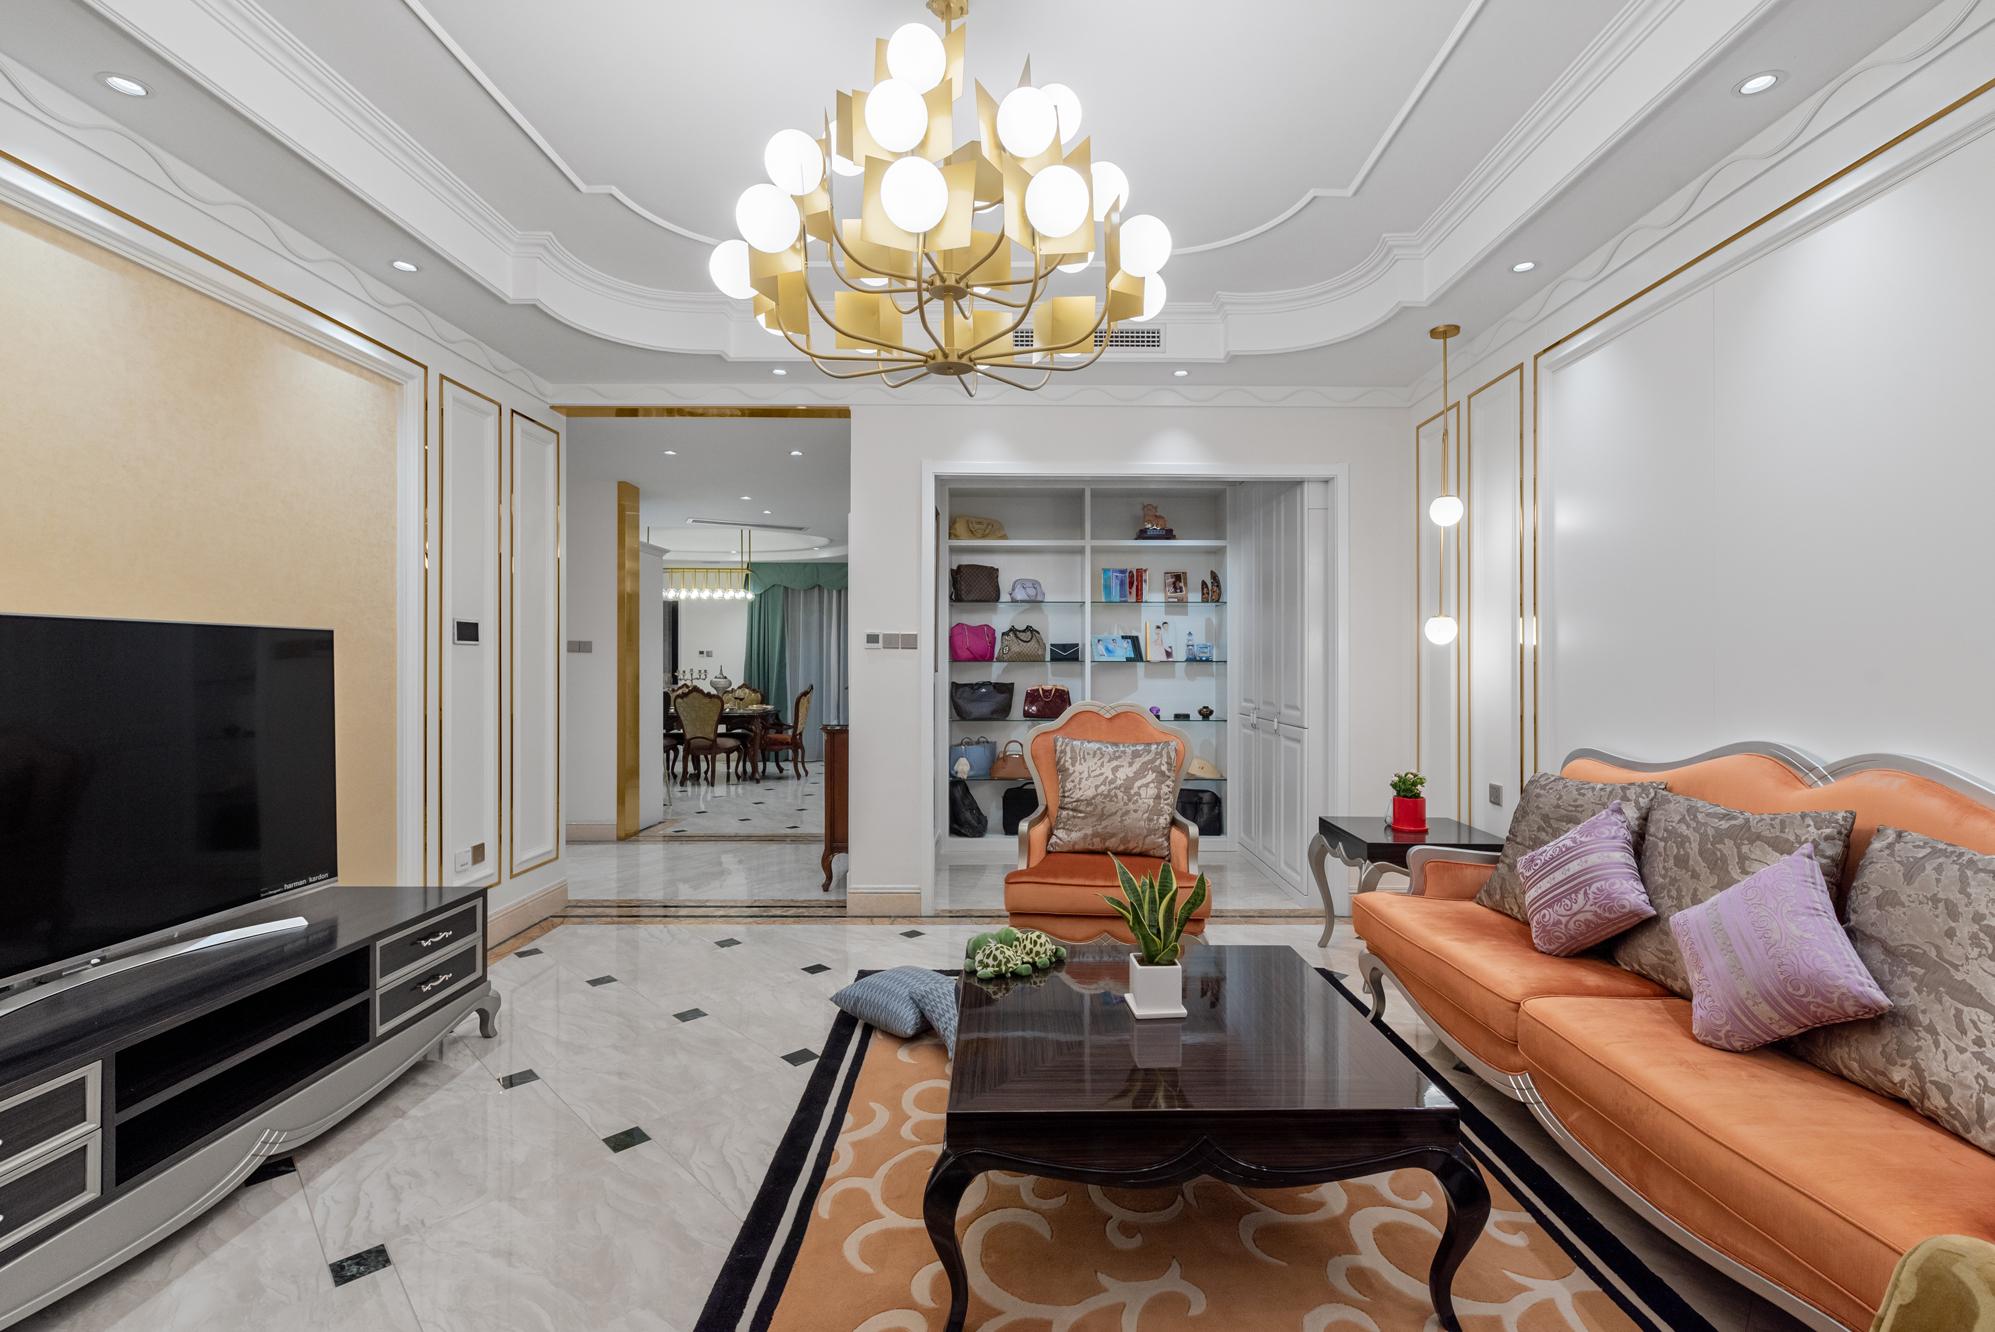 简约 欧式 混搭 别墅 收纳 80后 小资 客厅图片来自林上淮·圣奇凯尚装饰在爱家有故事·轻奢新贵的分享